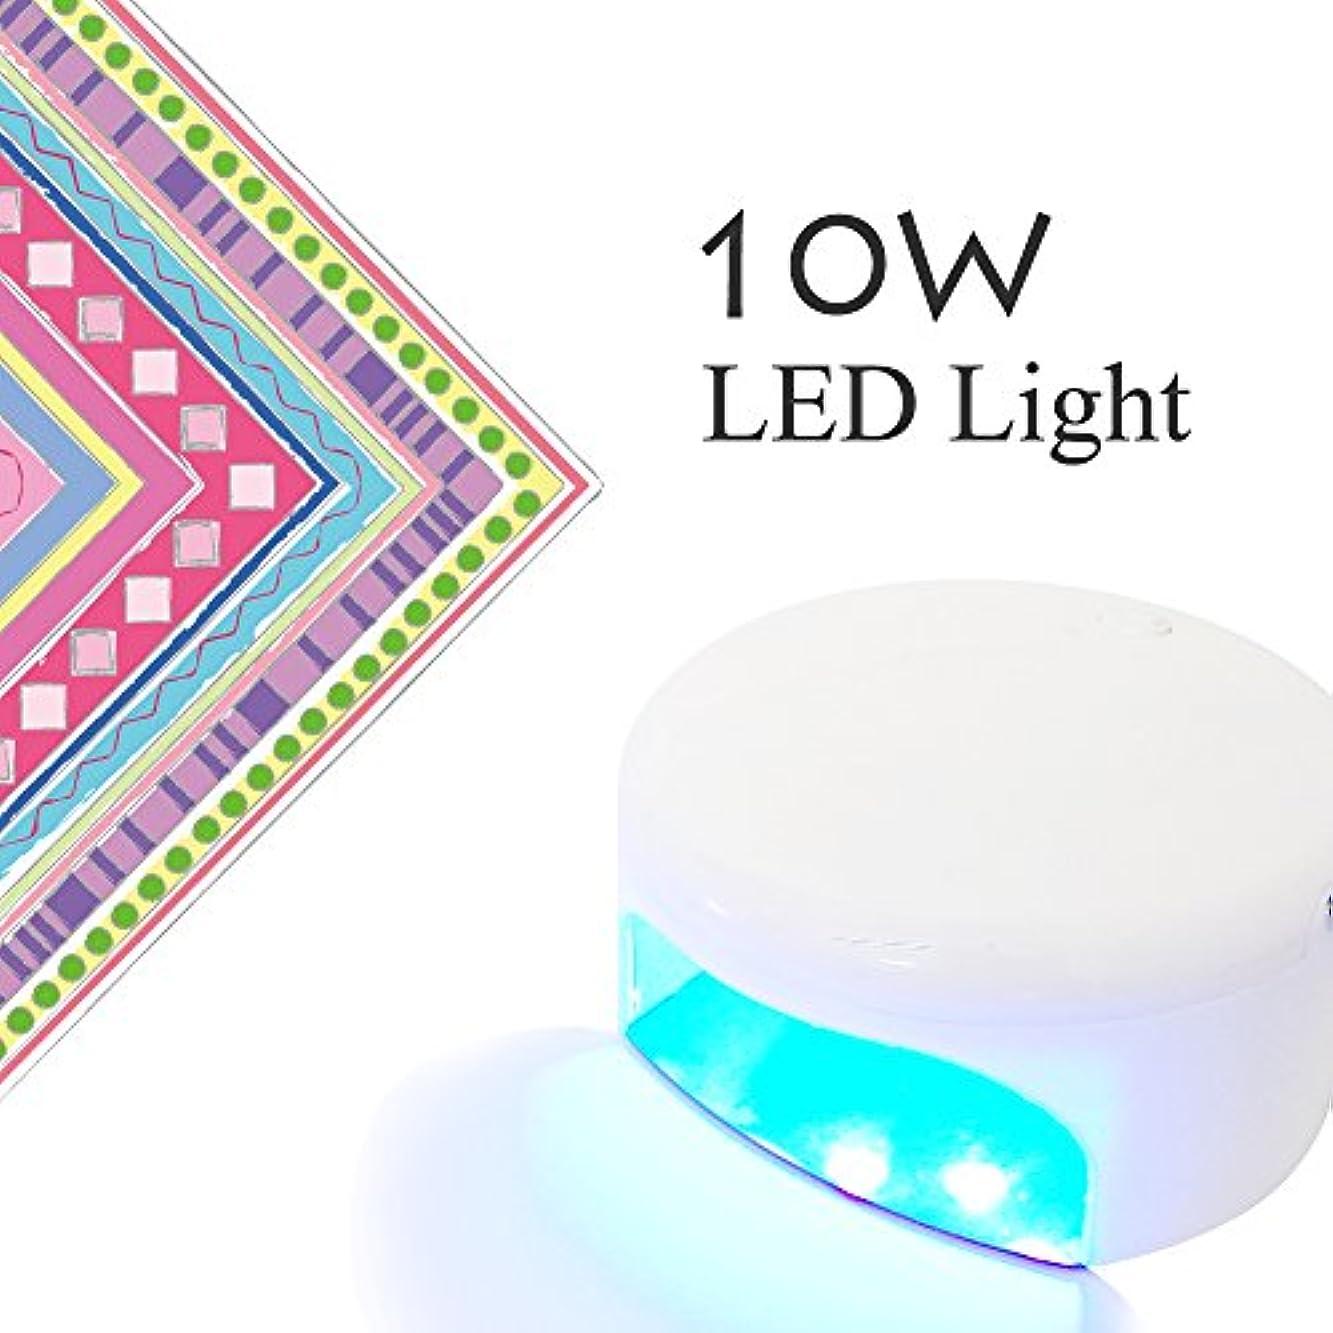 白菜ロードハウス欠如ネイル用LEDライト 10W チップLED搭載 【LED10wライト】コンパクトハイパワー保証書。取扱説明書付き ジェルネイル (10W)